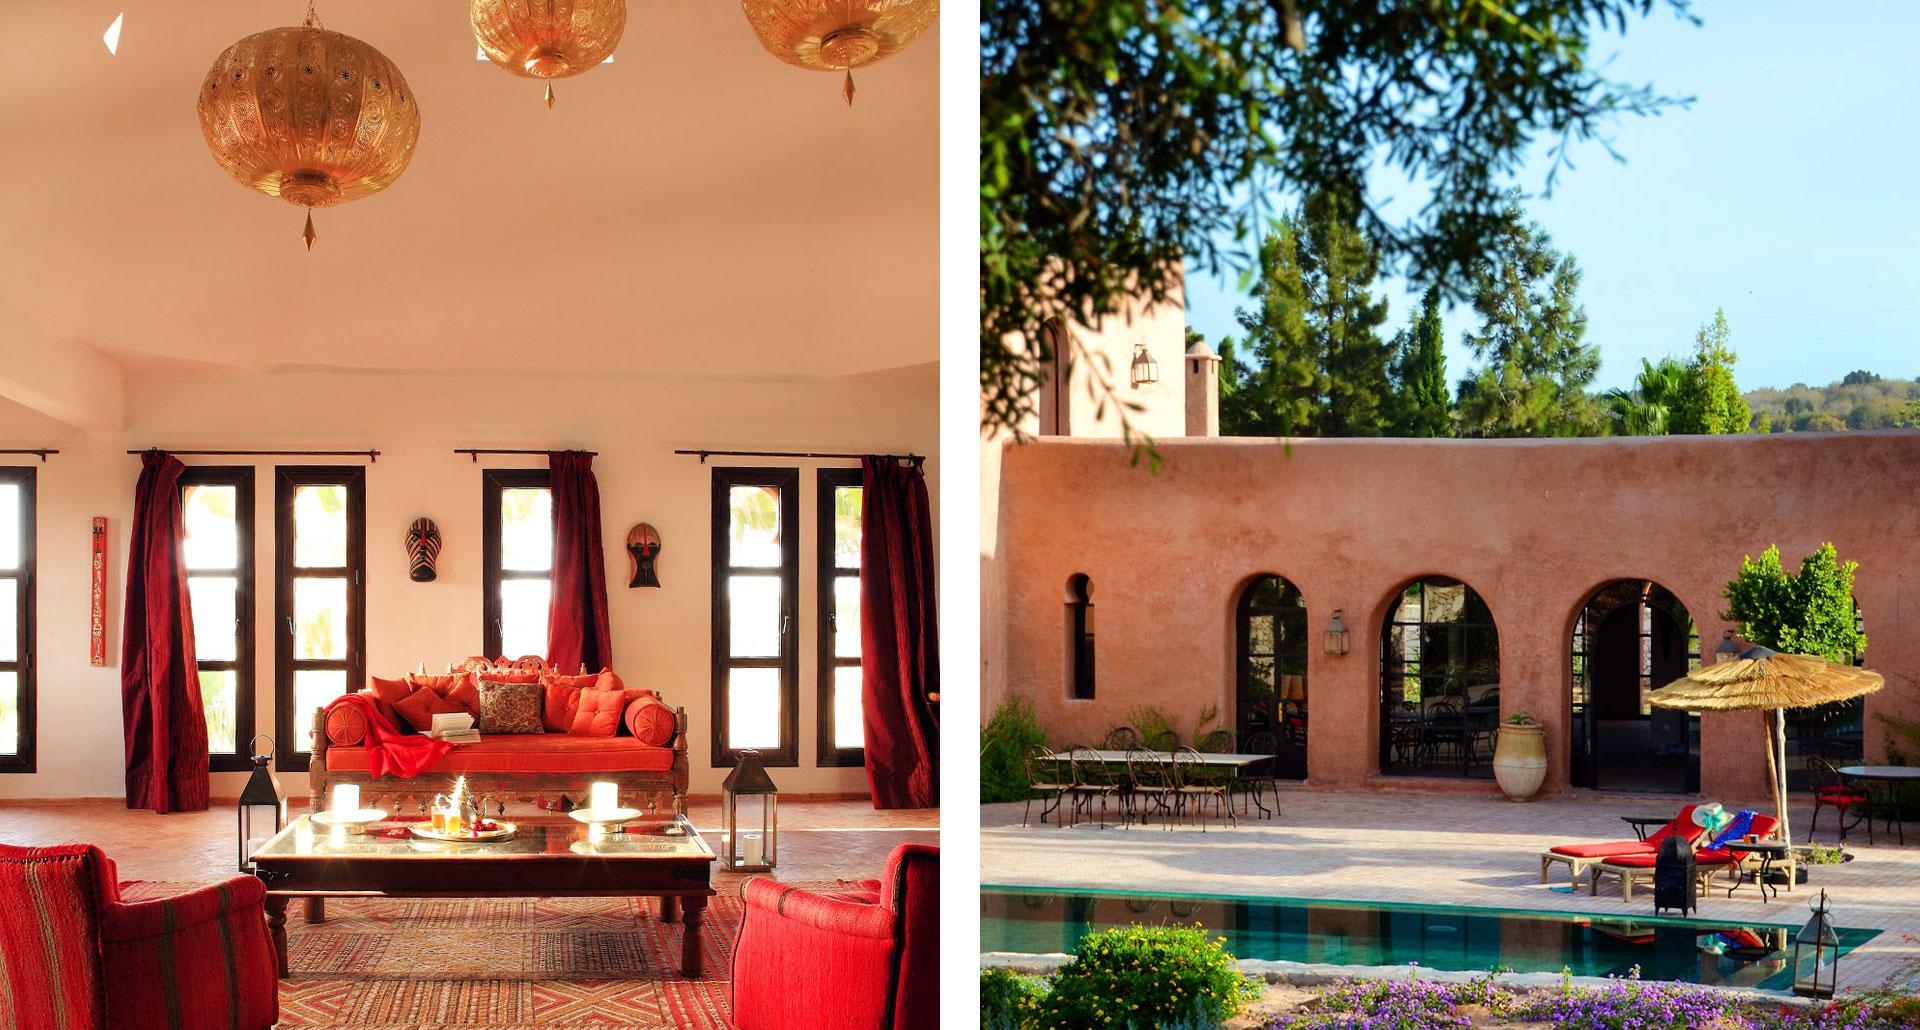 Le Jardin des Douars - boutique hotel in Essaouira